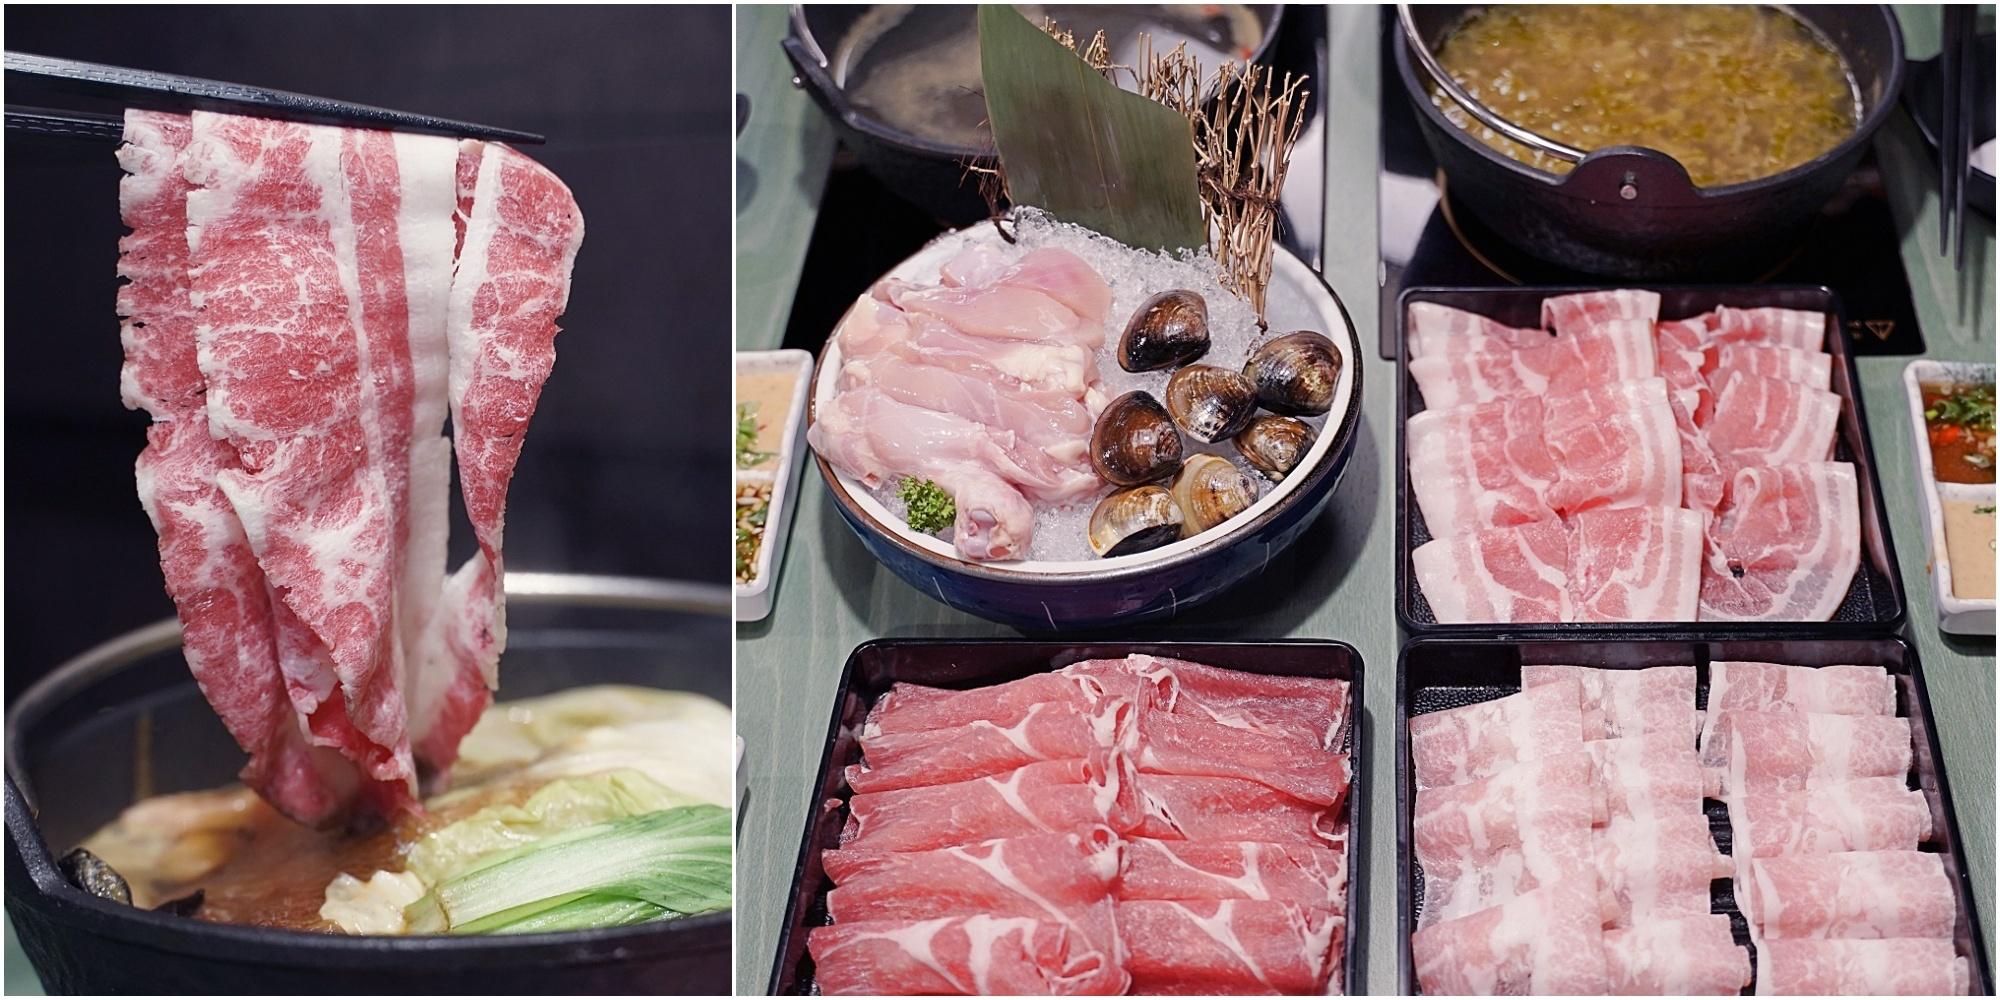 王鍋屋-新京都風味鍋物|獨一無二青花椒酸白菜鍋|經典帶皮黑毛豬Q脆爽口|(菜單、價格)